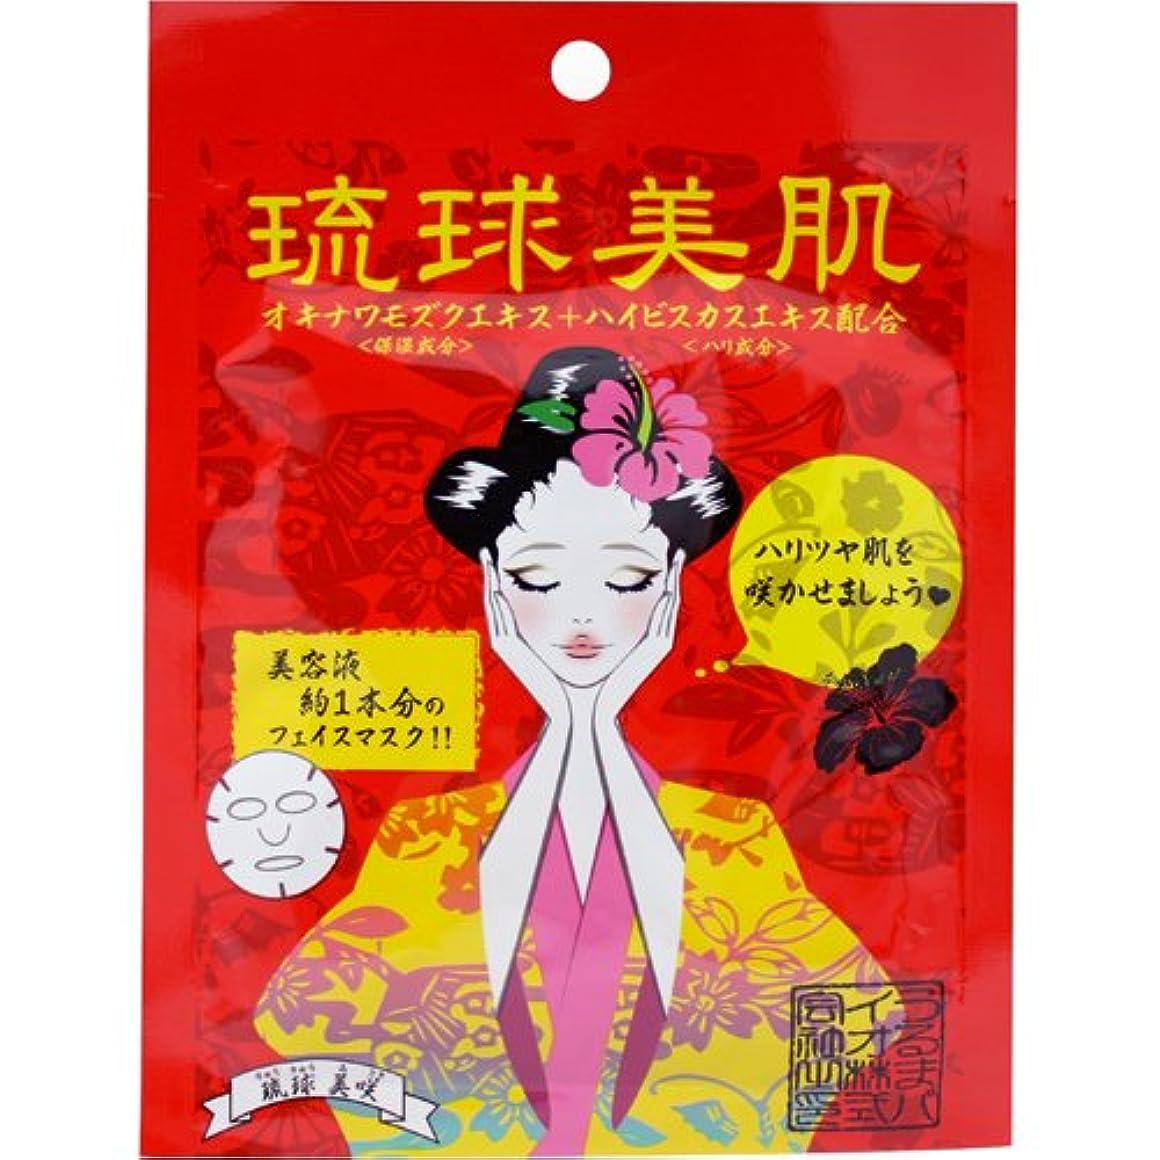 自治正確さブラウザ琉球美肌フェイスマスクシート 赤(ハイビスカスの香り)×10パック